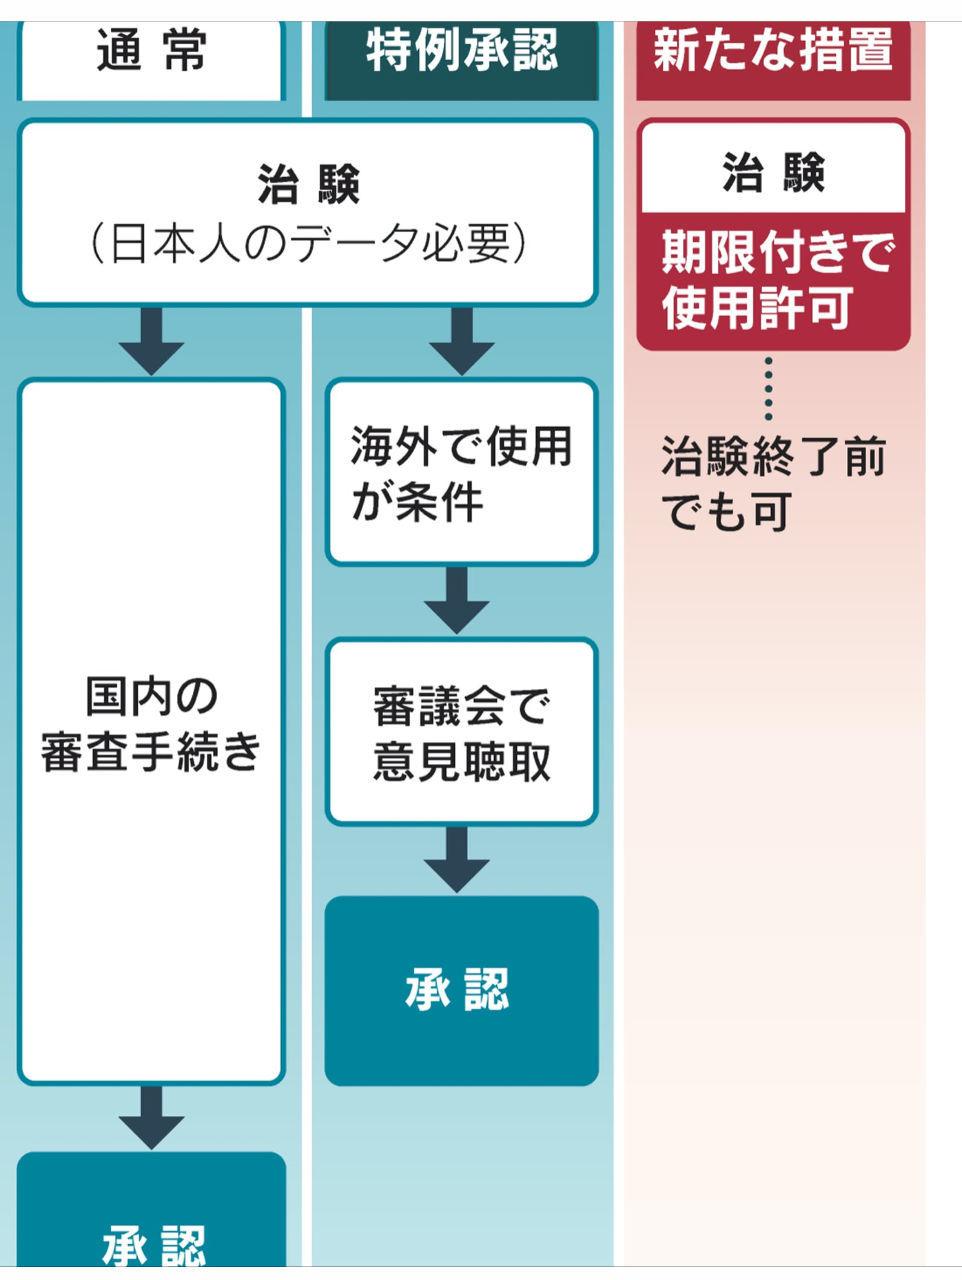 くるみぱん2 💉  まぢ➰🤢  ワクチン、治験待たずに許可 緊急使用へ22年にも法改正:日本経済新聞 https: